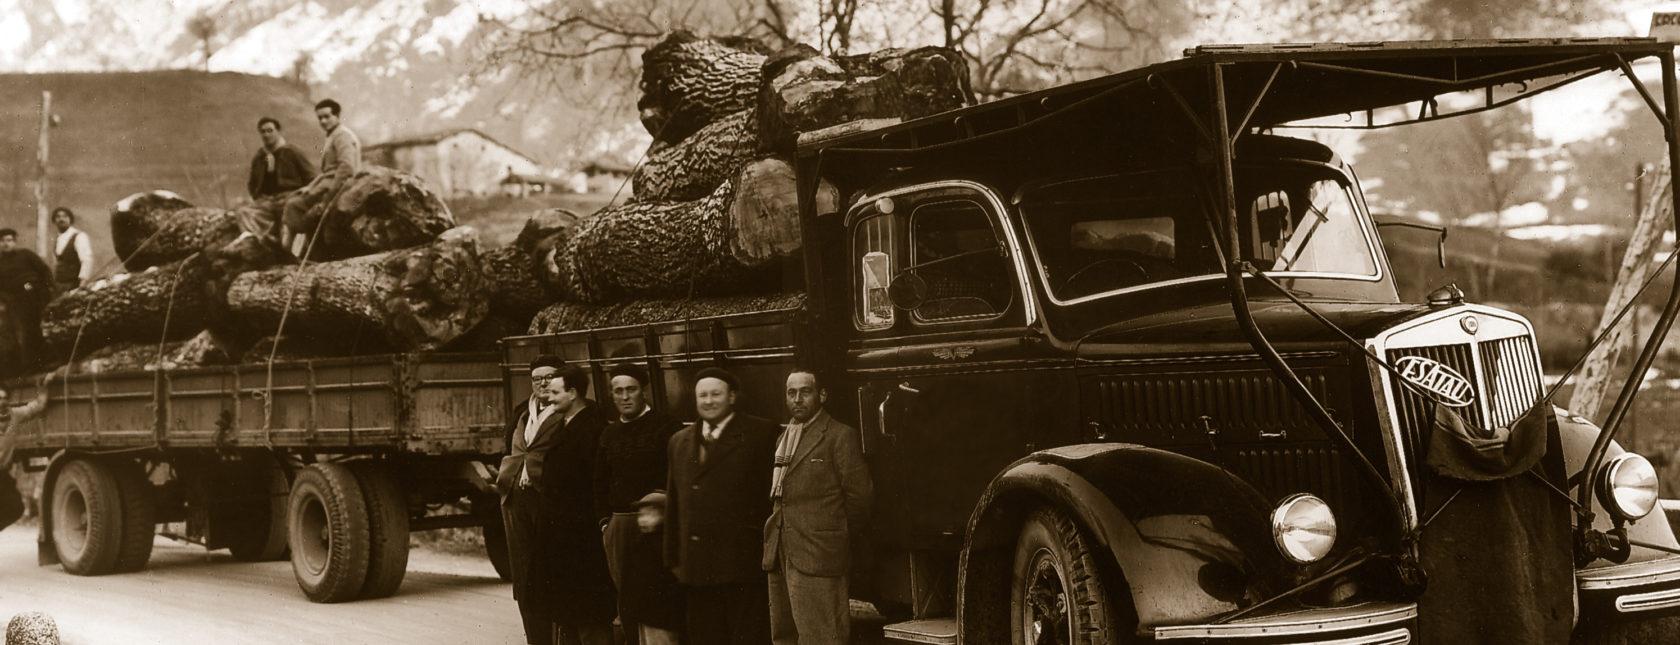 Foto storica Bordiga Legnami